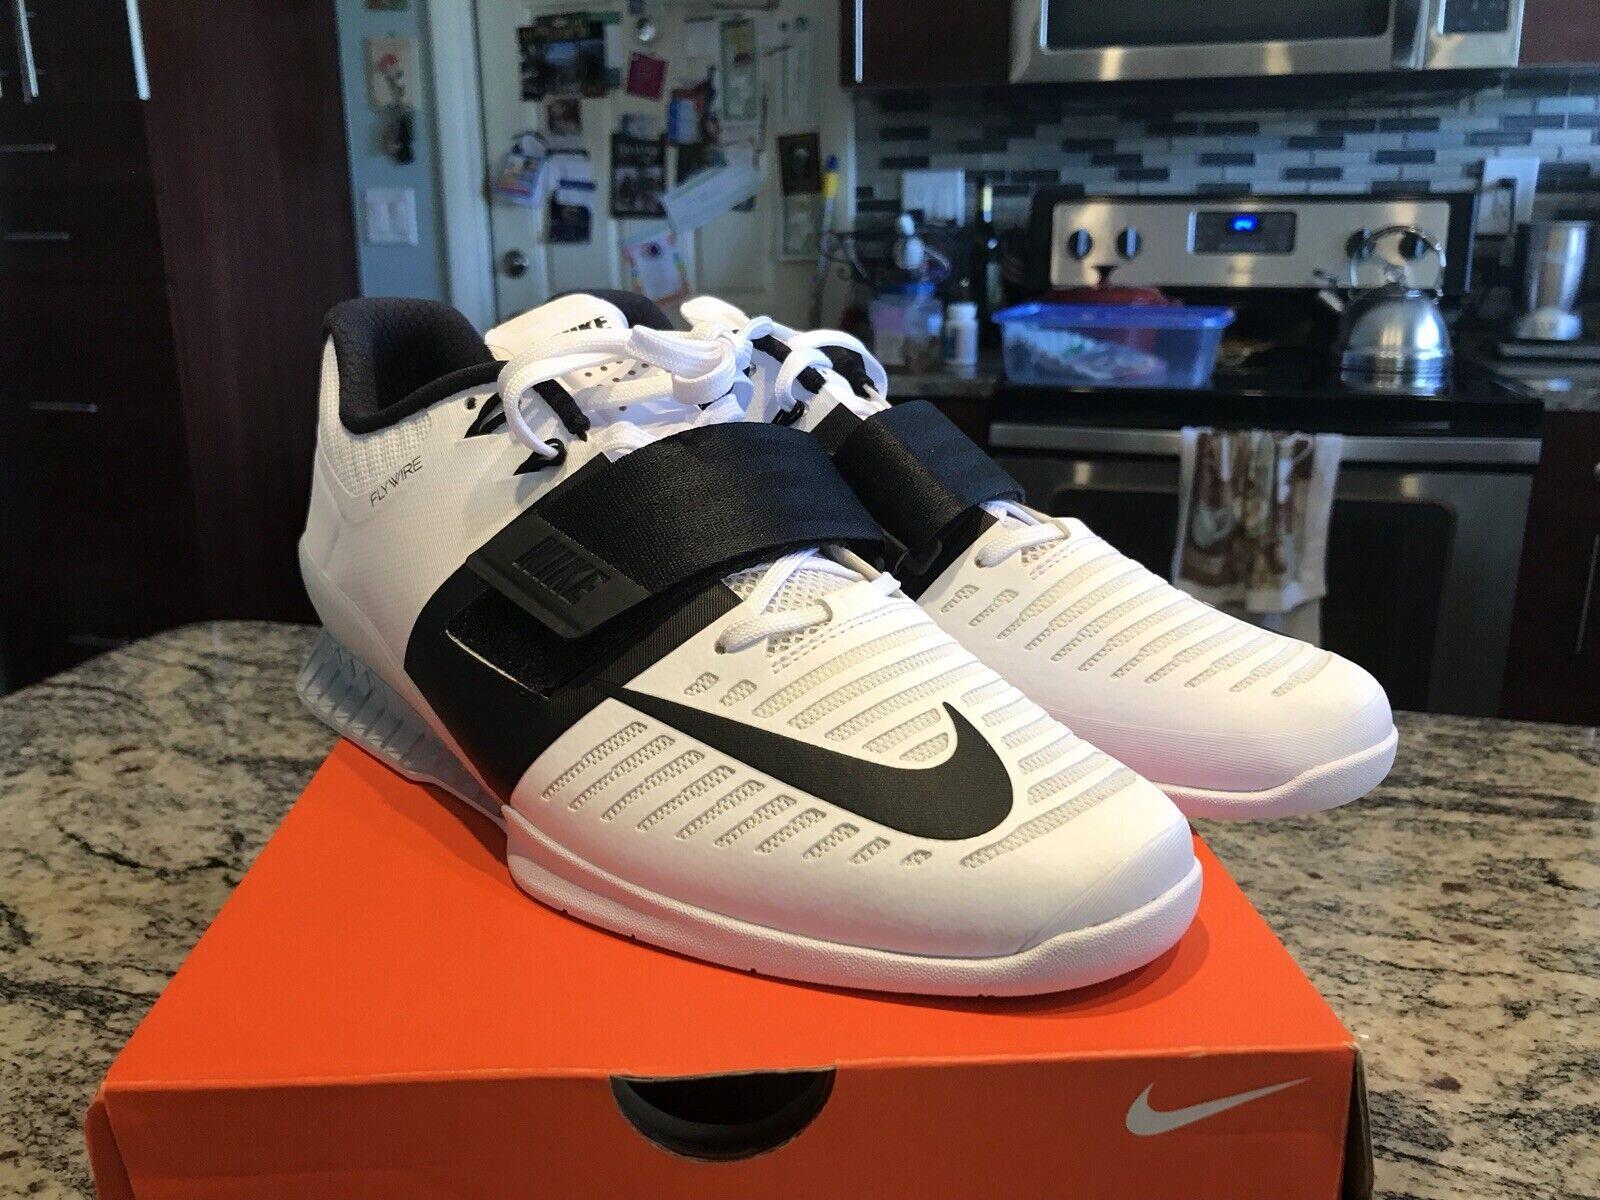 newest collection 5a9dc 99ea5 Brand New Nike Romaleos 3 Weightlifting Weightlifting Weightlifting  Training scarpe Uomo Dimensione 11 (852933-101) 47e0a5